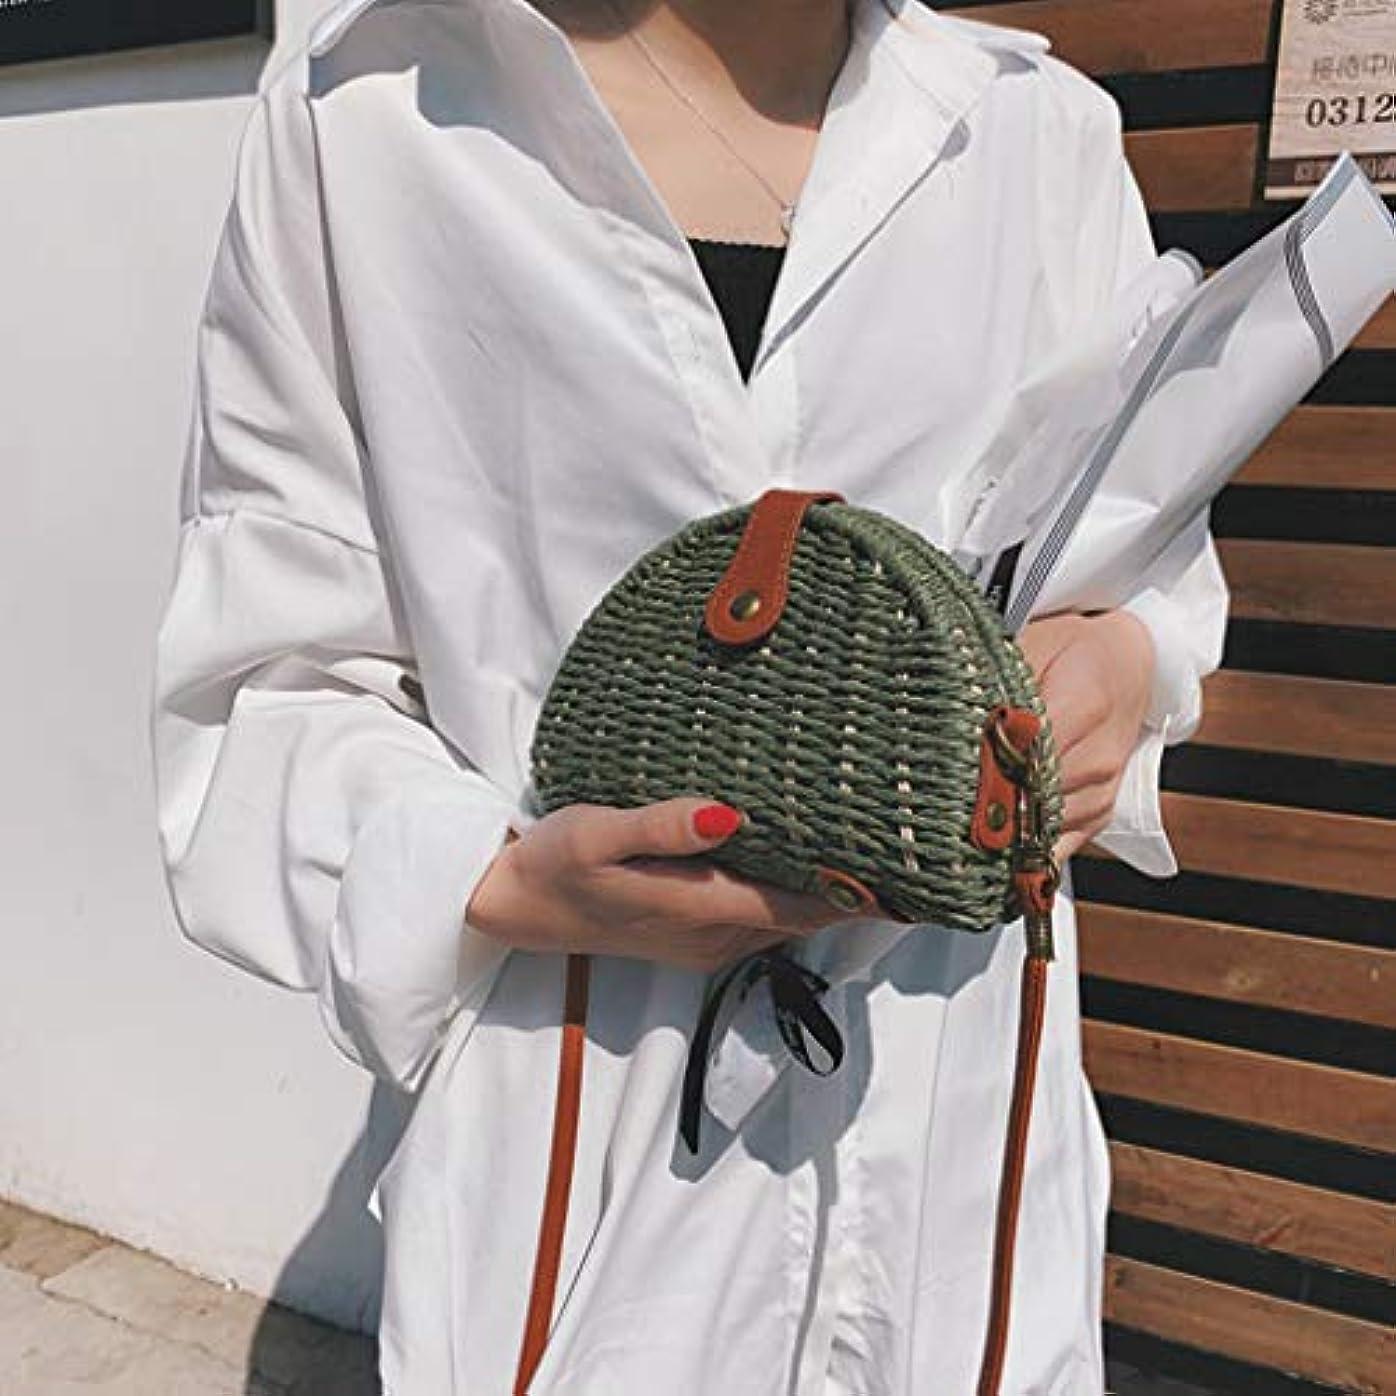 私流出モニター女性ミニ織りビーチショルダーバッグレディースボヘミアンスタイルレジャーハンドバッグ、女性のミニ織クロスボディバッグ、レディースミニファッションビーチスタイルクロスボディバッグ (緑)